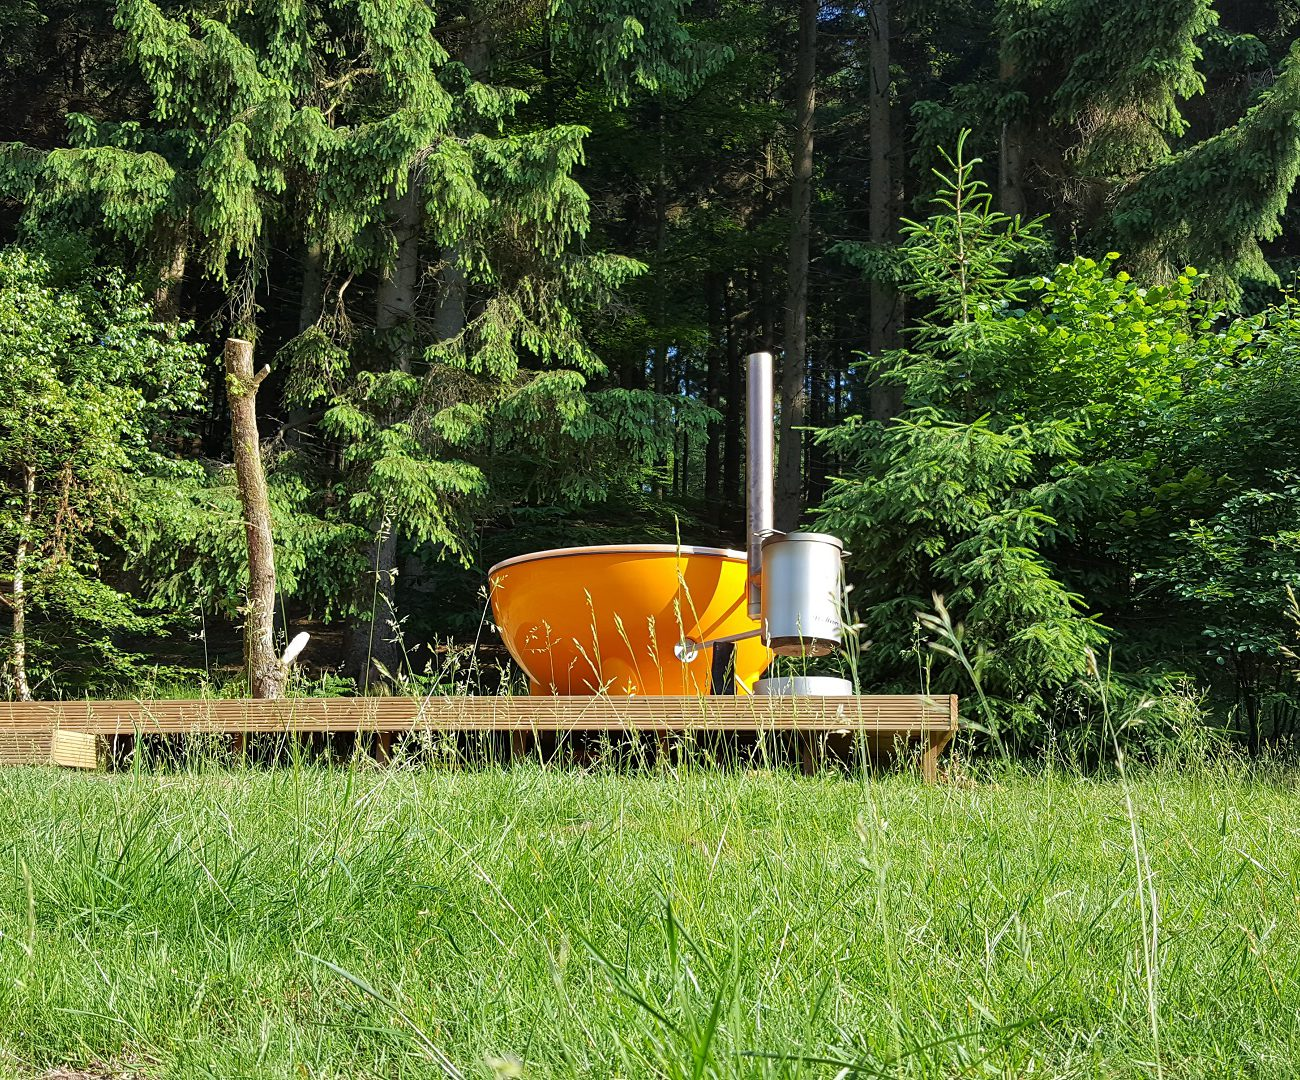 Een oranje hot tub/ dutch tub aan de rand van het bos